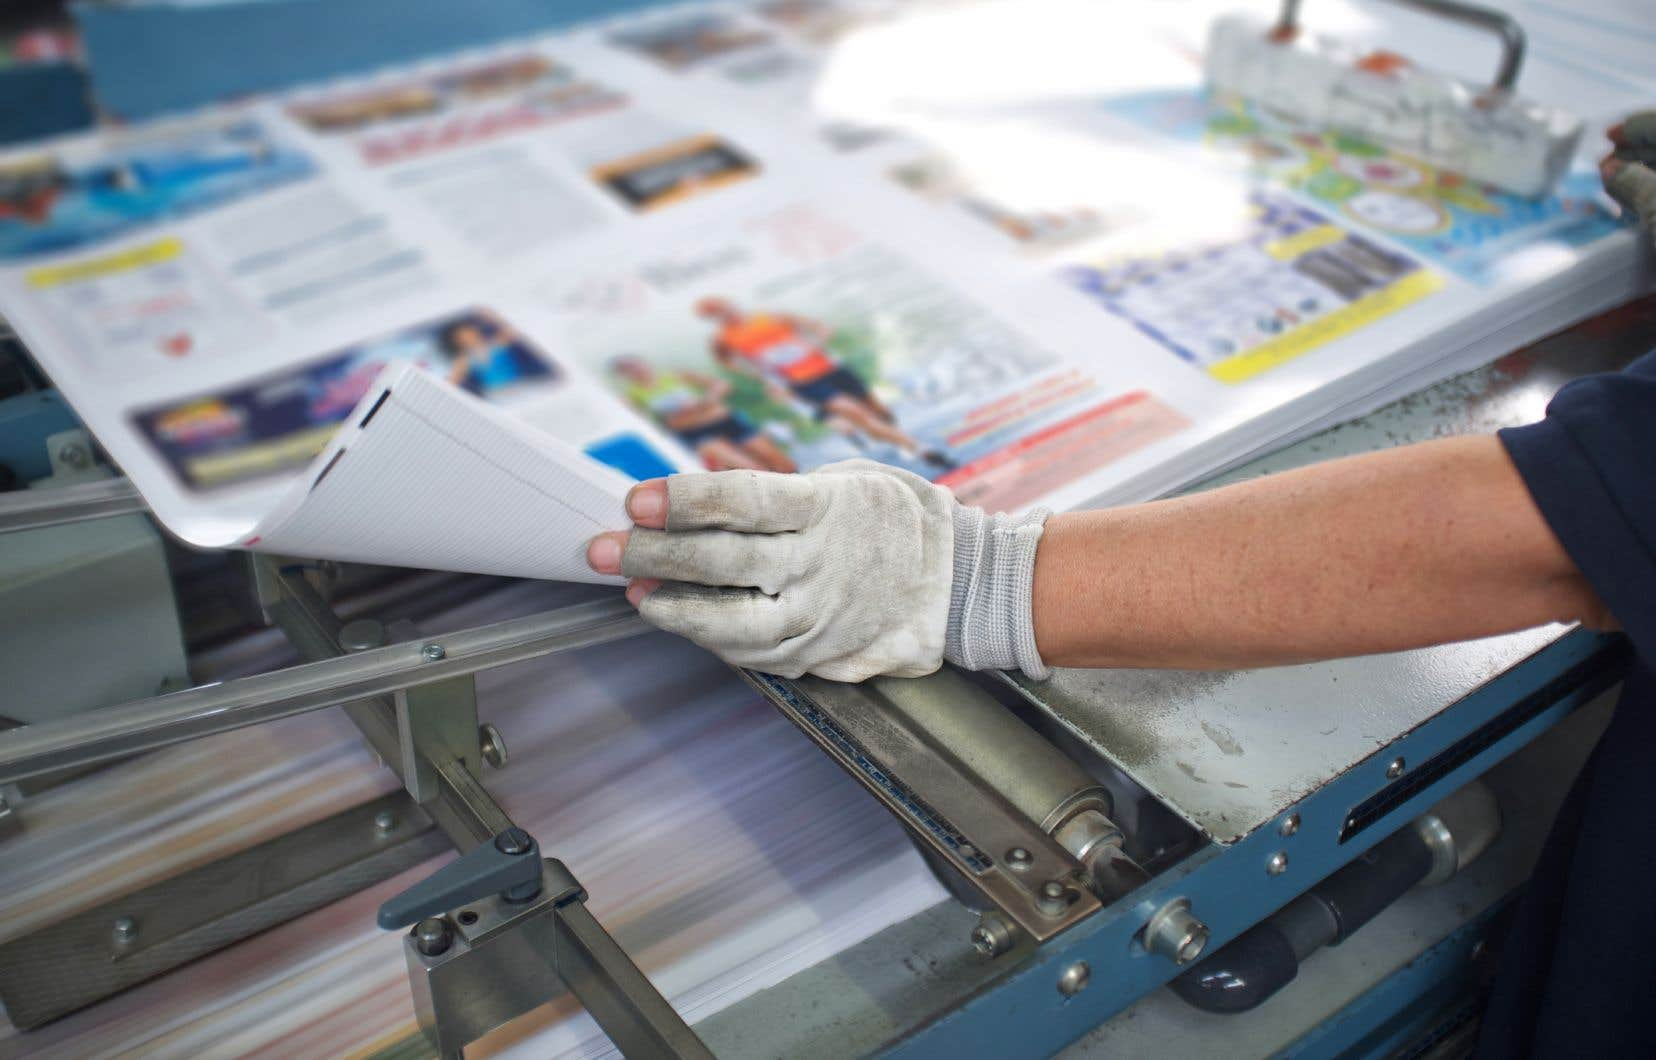 Dans leur lettre ouverte publiée lundi, les signataires précisent que, si rien n'est fait, de nombreux journaux, imprimés ou numériques, pourraient bientôt cesser leurs activités.